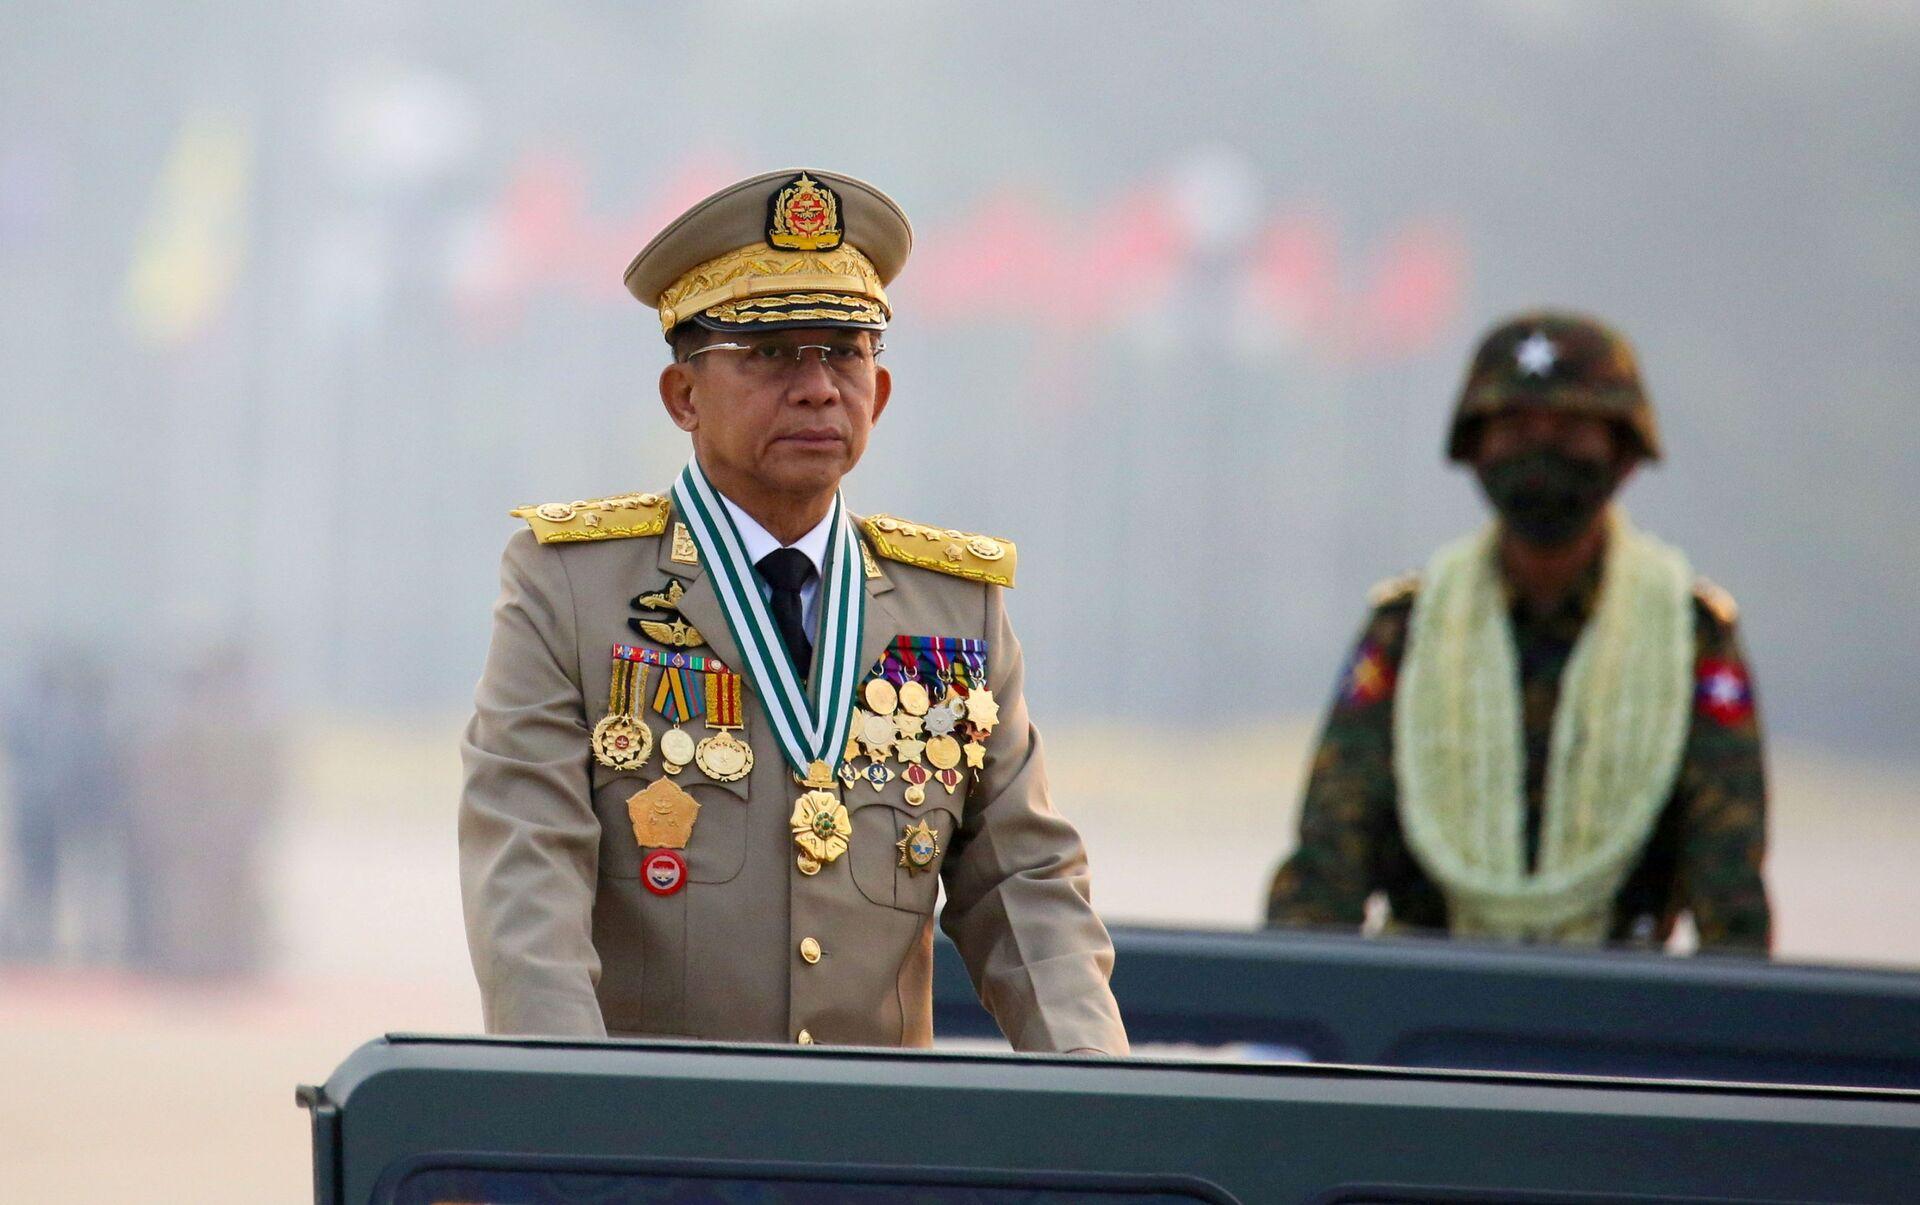 Thống tướng Min Aung Hlaing, người đứng đầu chính quyền quân sự Myanmar - Sputnik Việt Nam, 1920, 05.10.2021